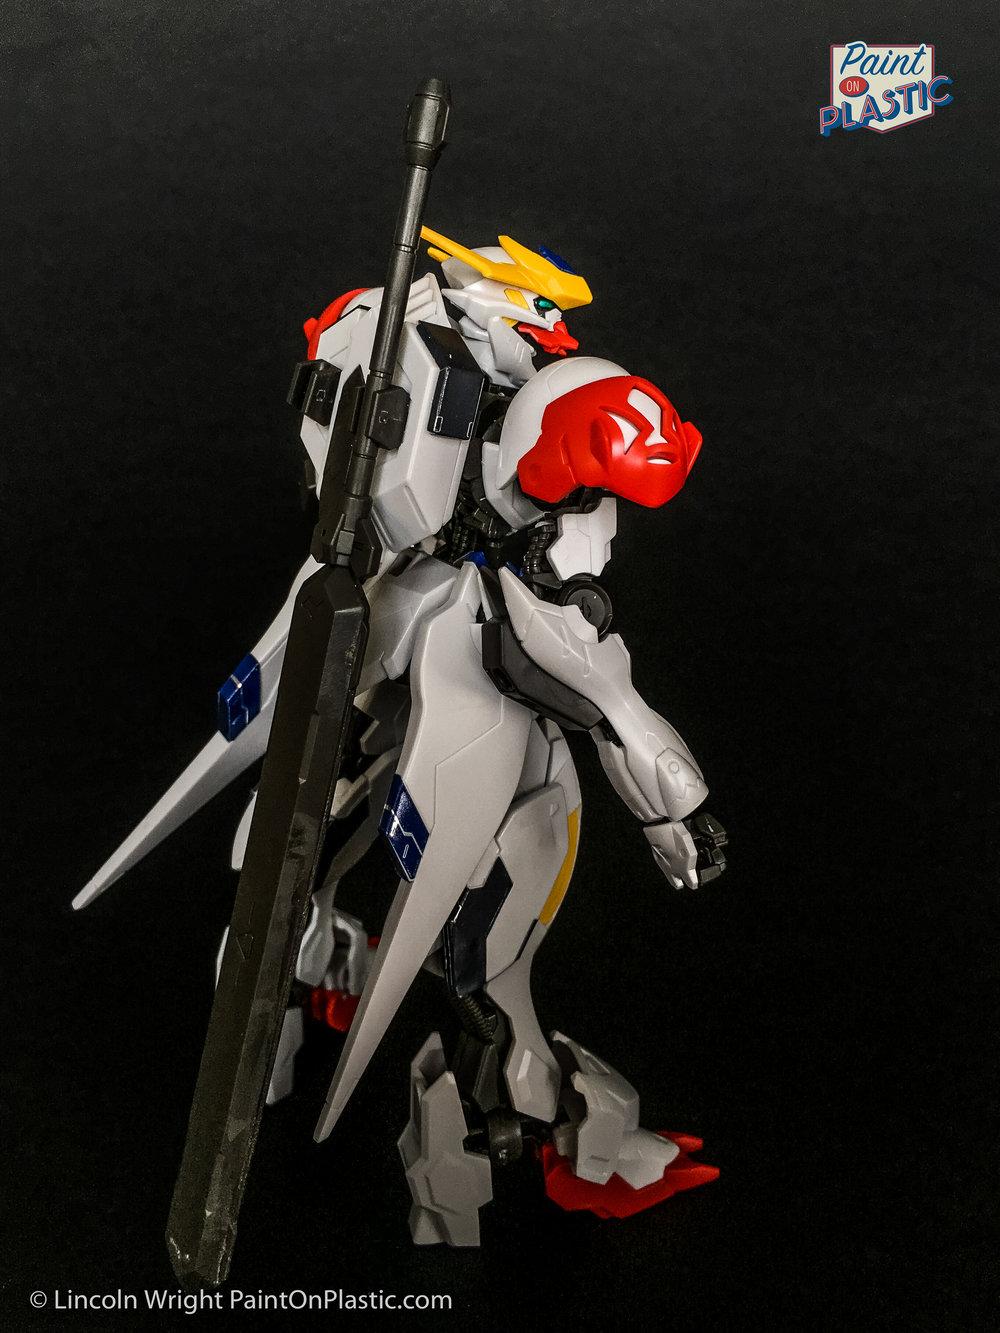 Gundam Barbados Lupus PaintOnPlastic-16.jpg